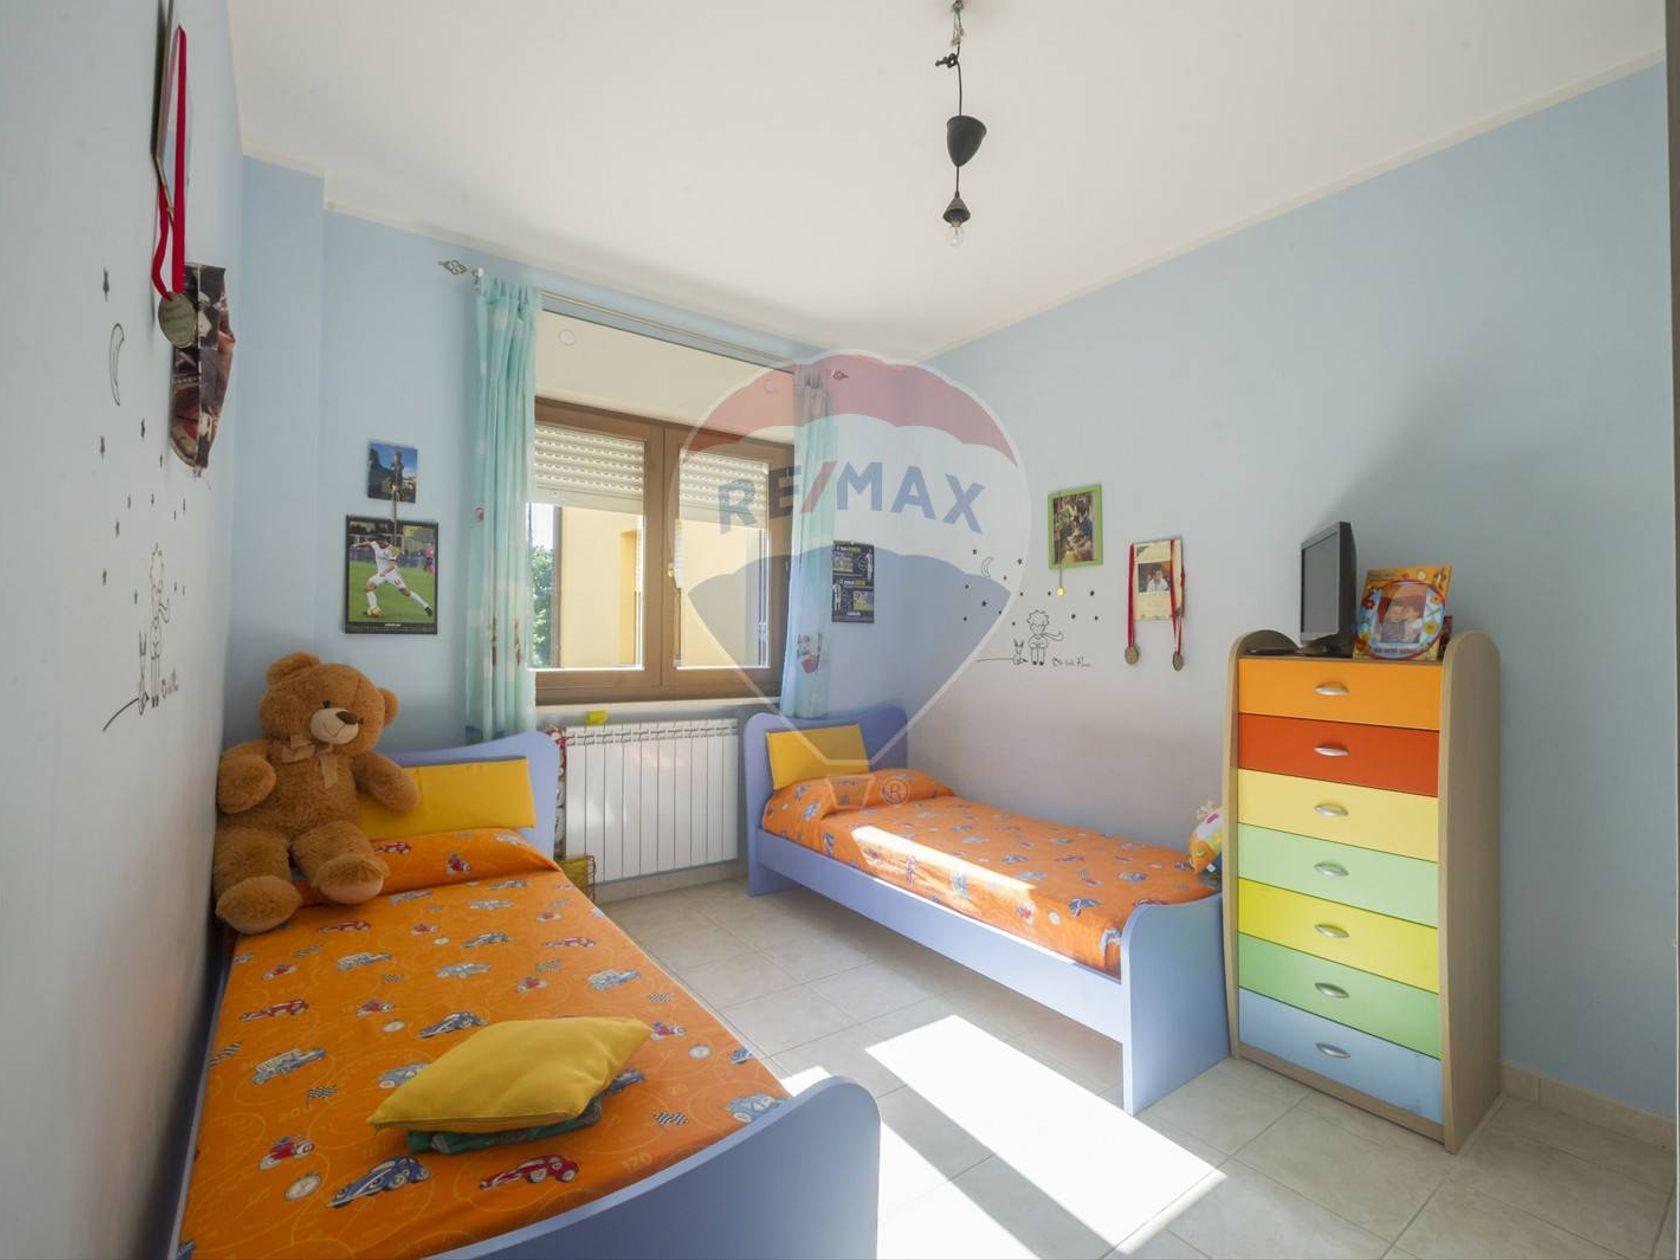 Appartamento Madonna delle Piane, Chieti, CH Vendita - Foto 13